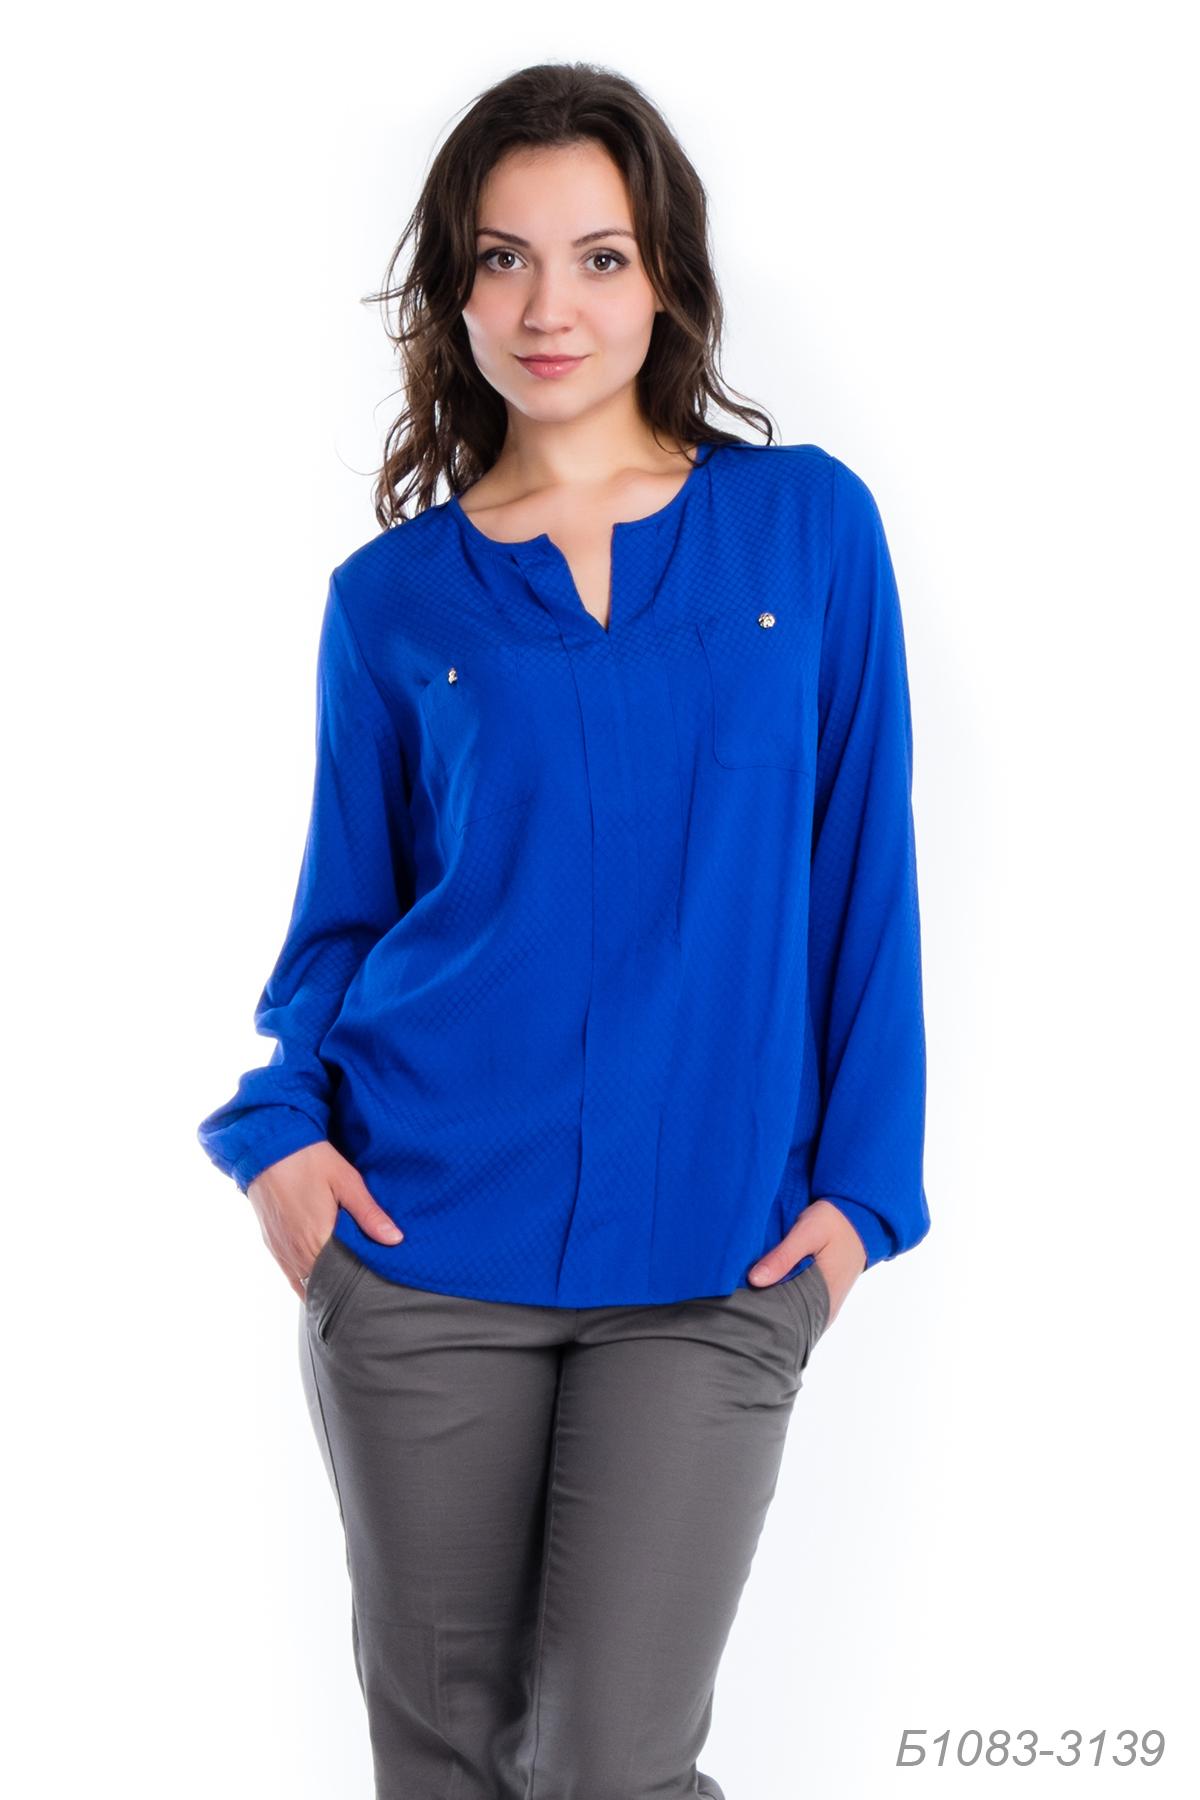 Купить Блузки Фирмы Голуб